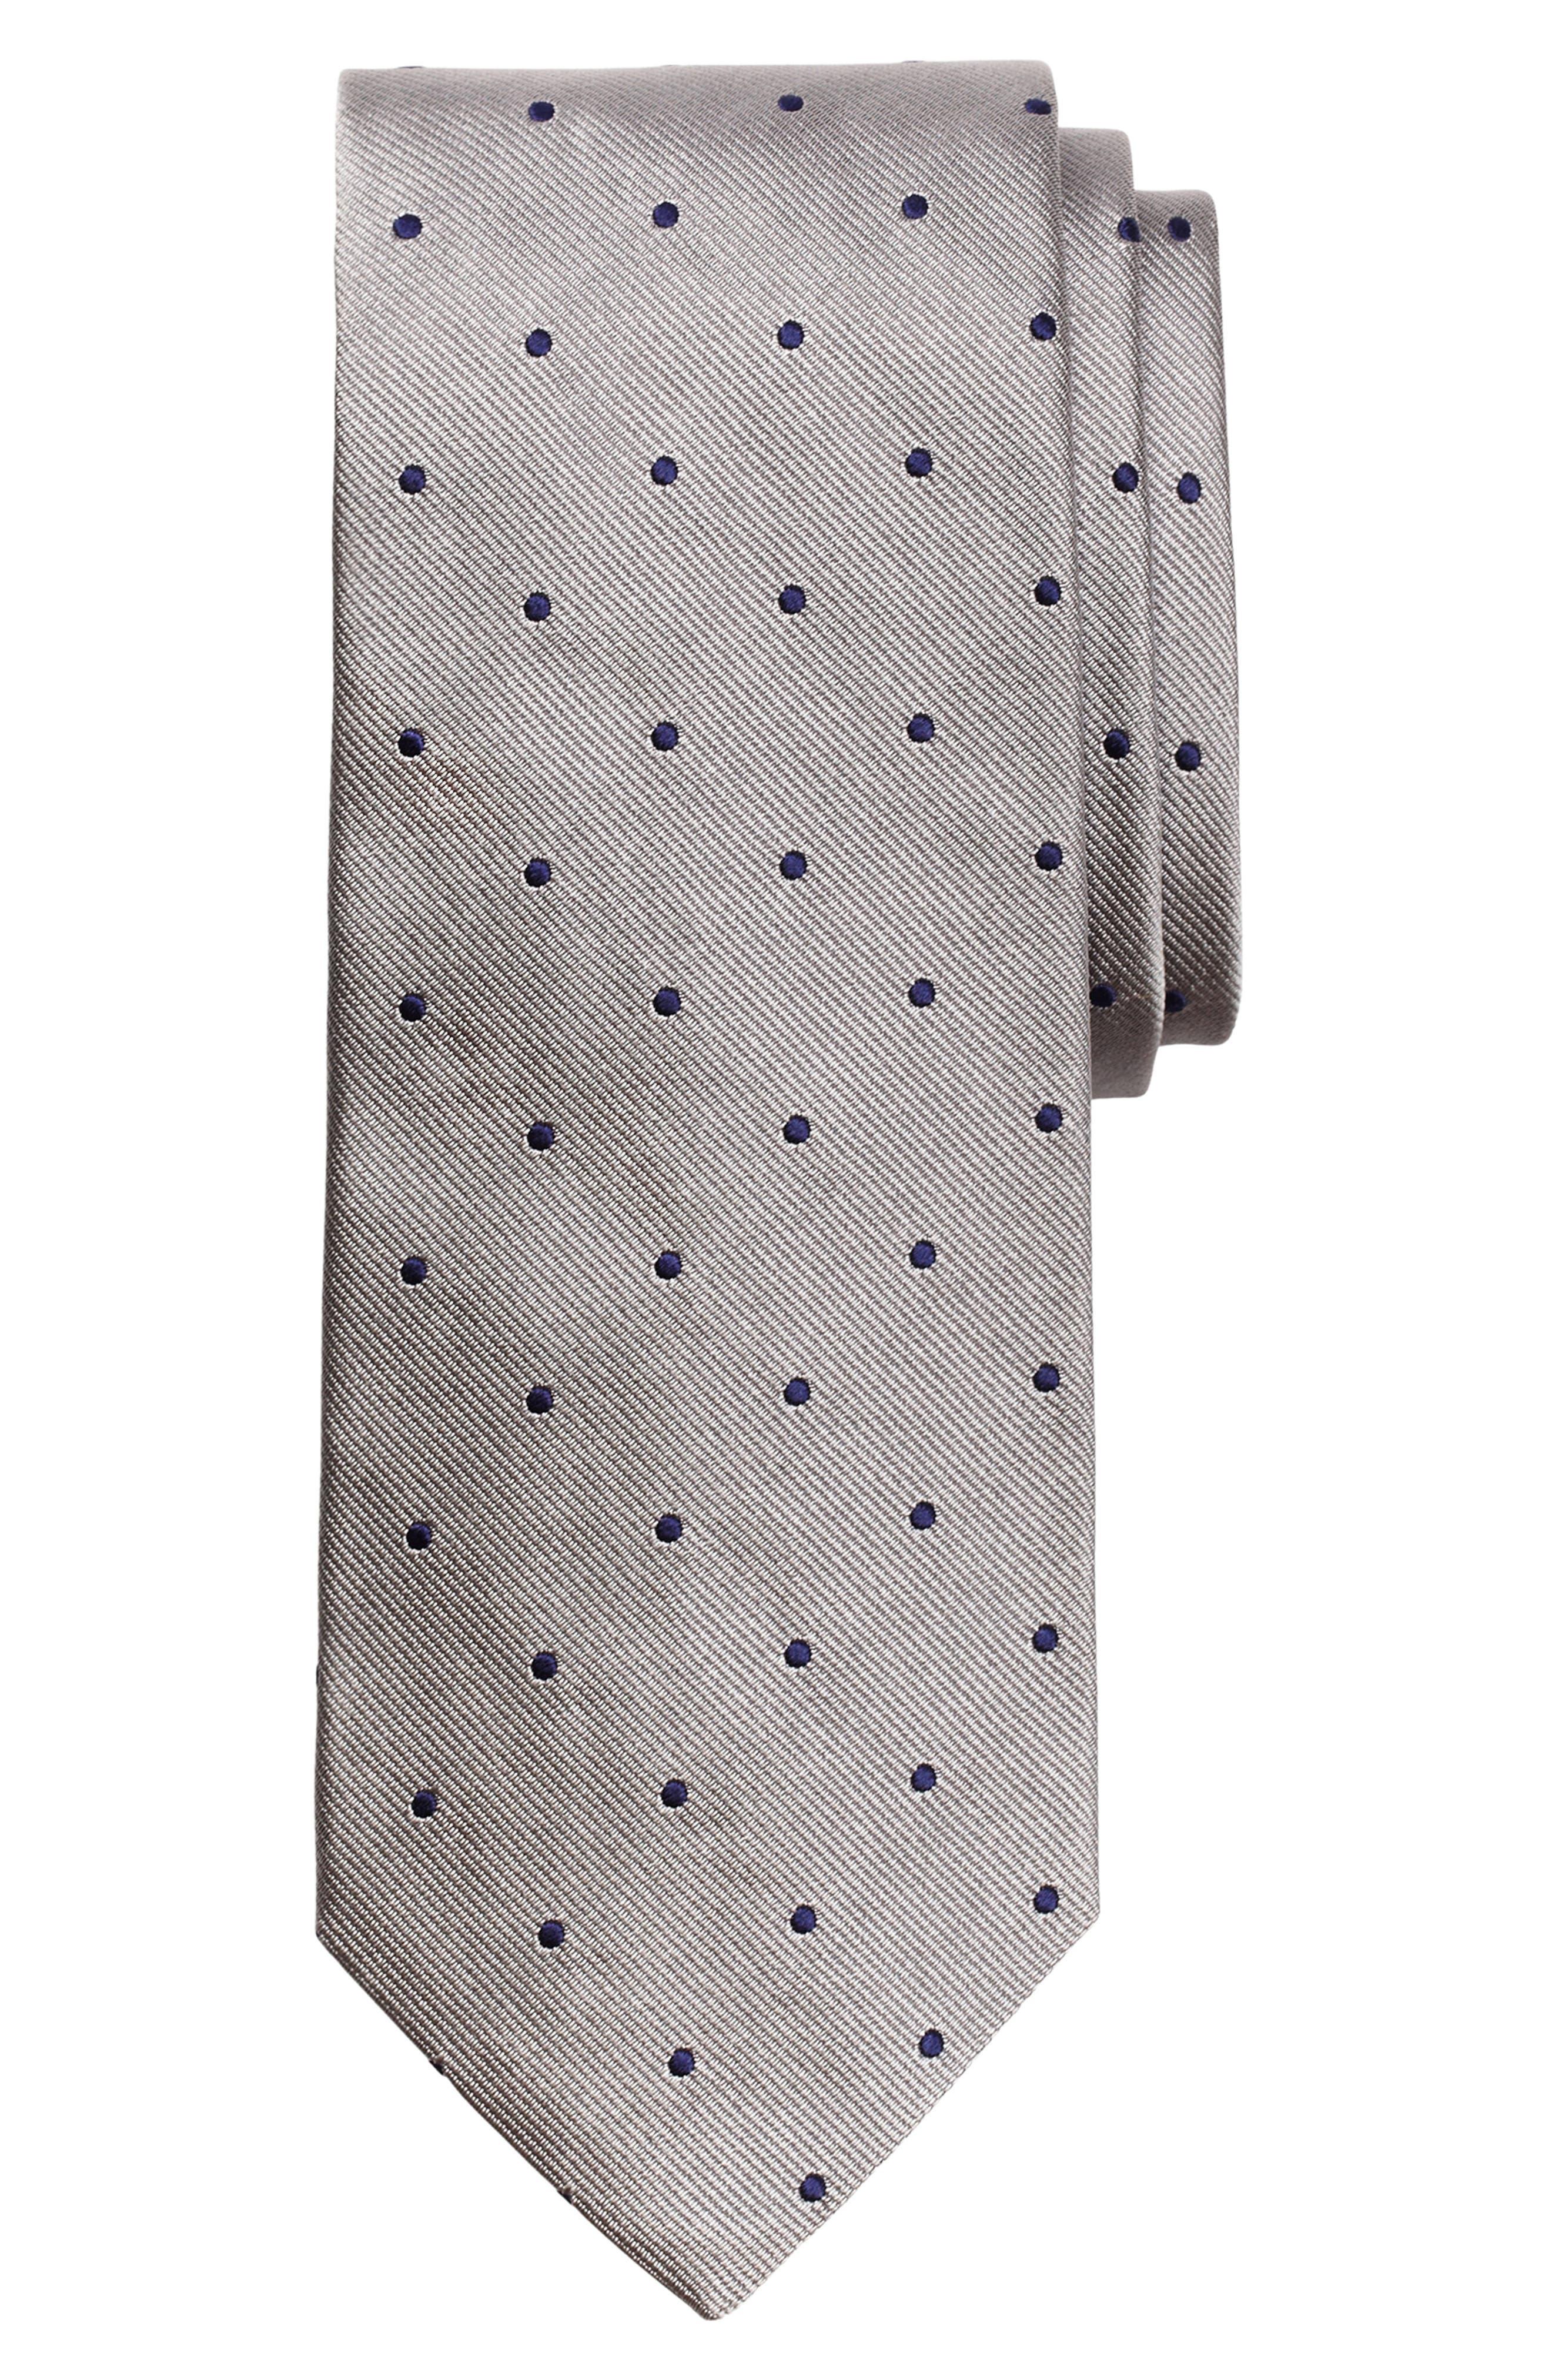 Small Dot Silk Tie, Main, color, SILVER